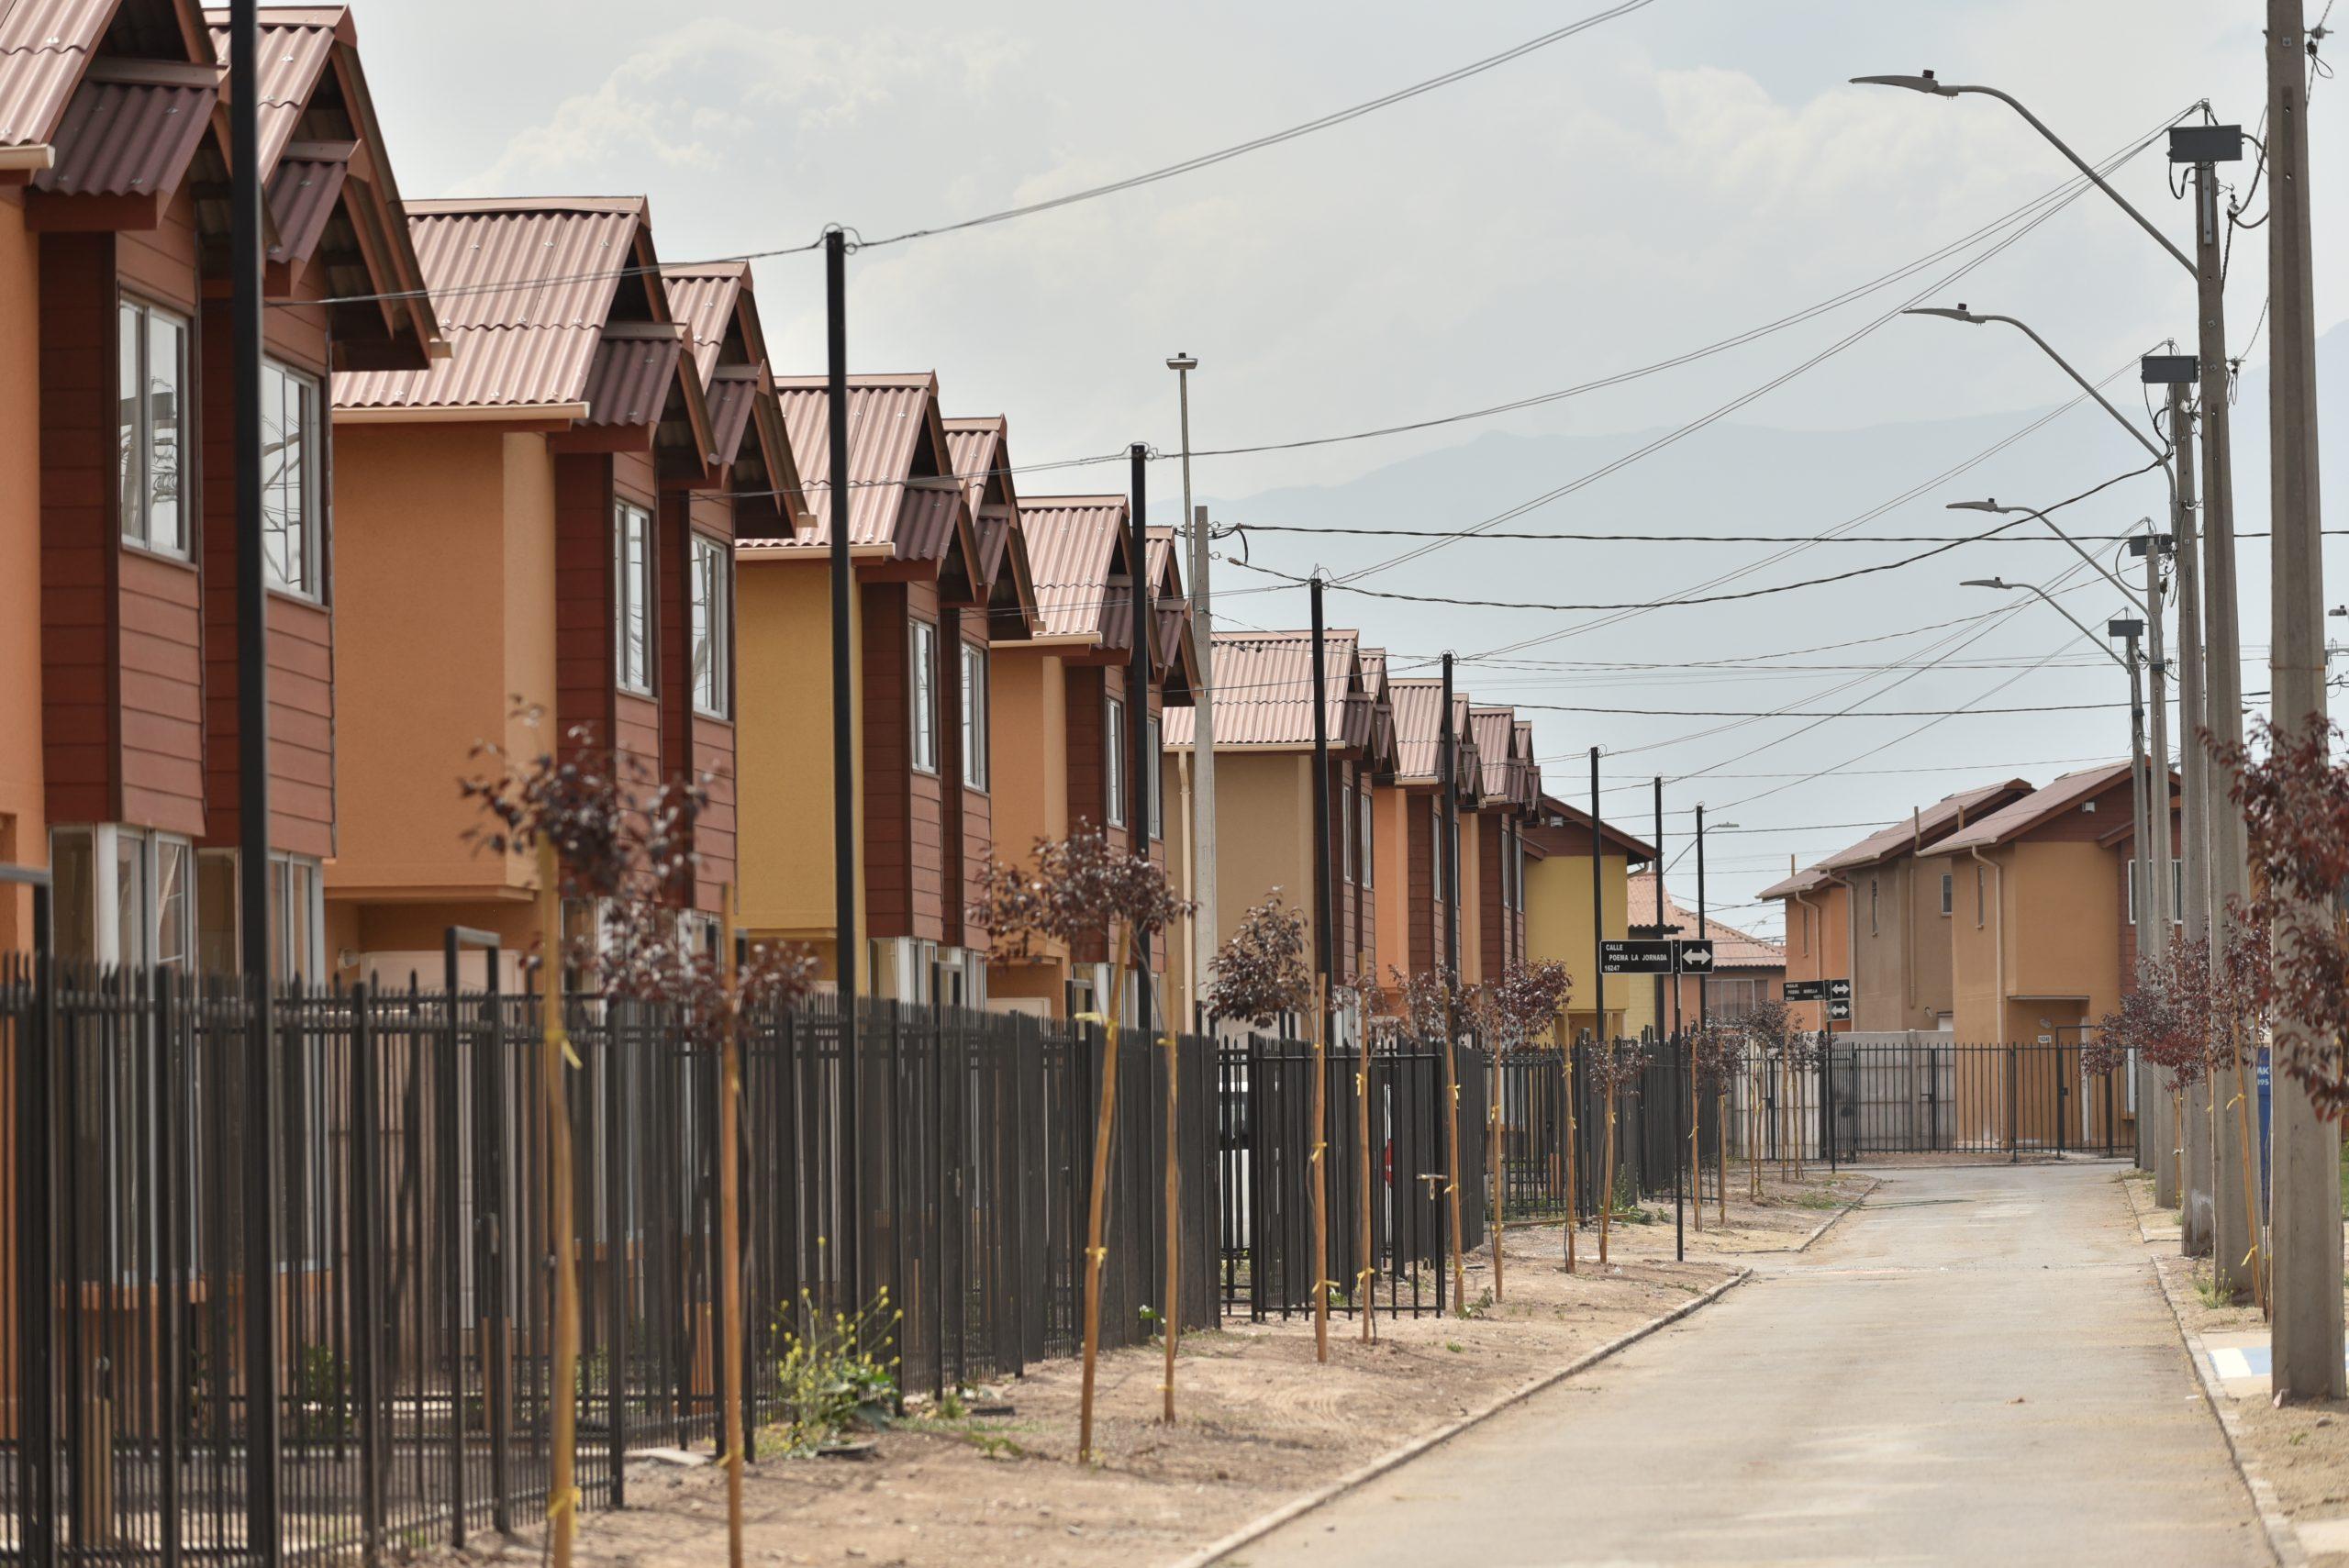 Radio Bio Bio: Más de 600 mil familias en Chile no tienen acceso a una vivienda adecuada